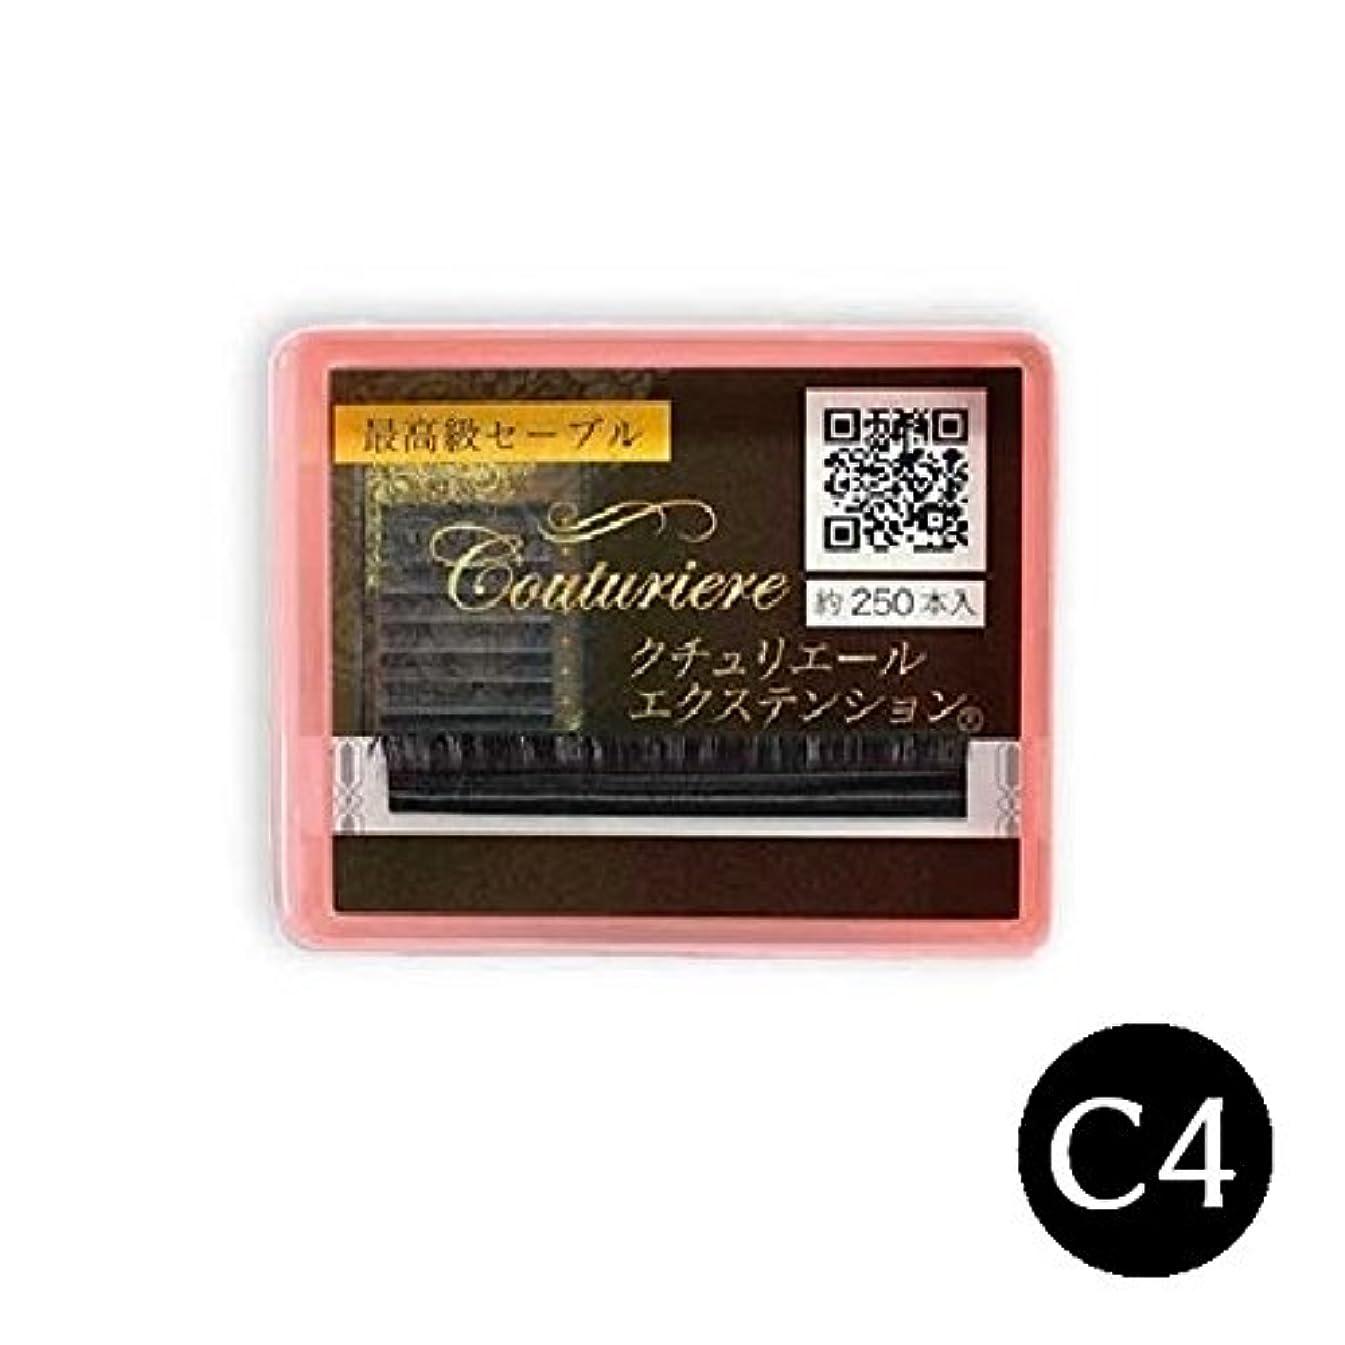 条件付き部ジョセフバンクスまつげエクステ マツエク クチュリエール C4カール (1列) (0.15mm 11mm)